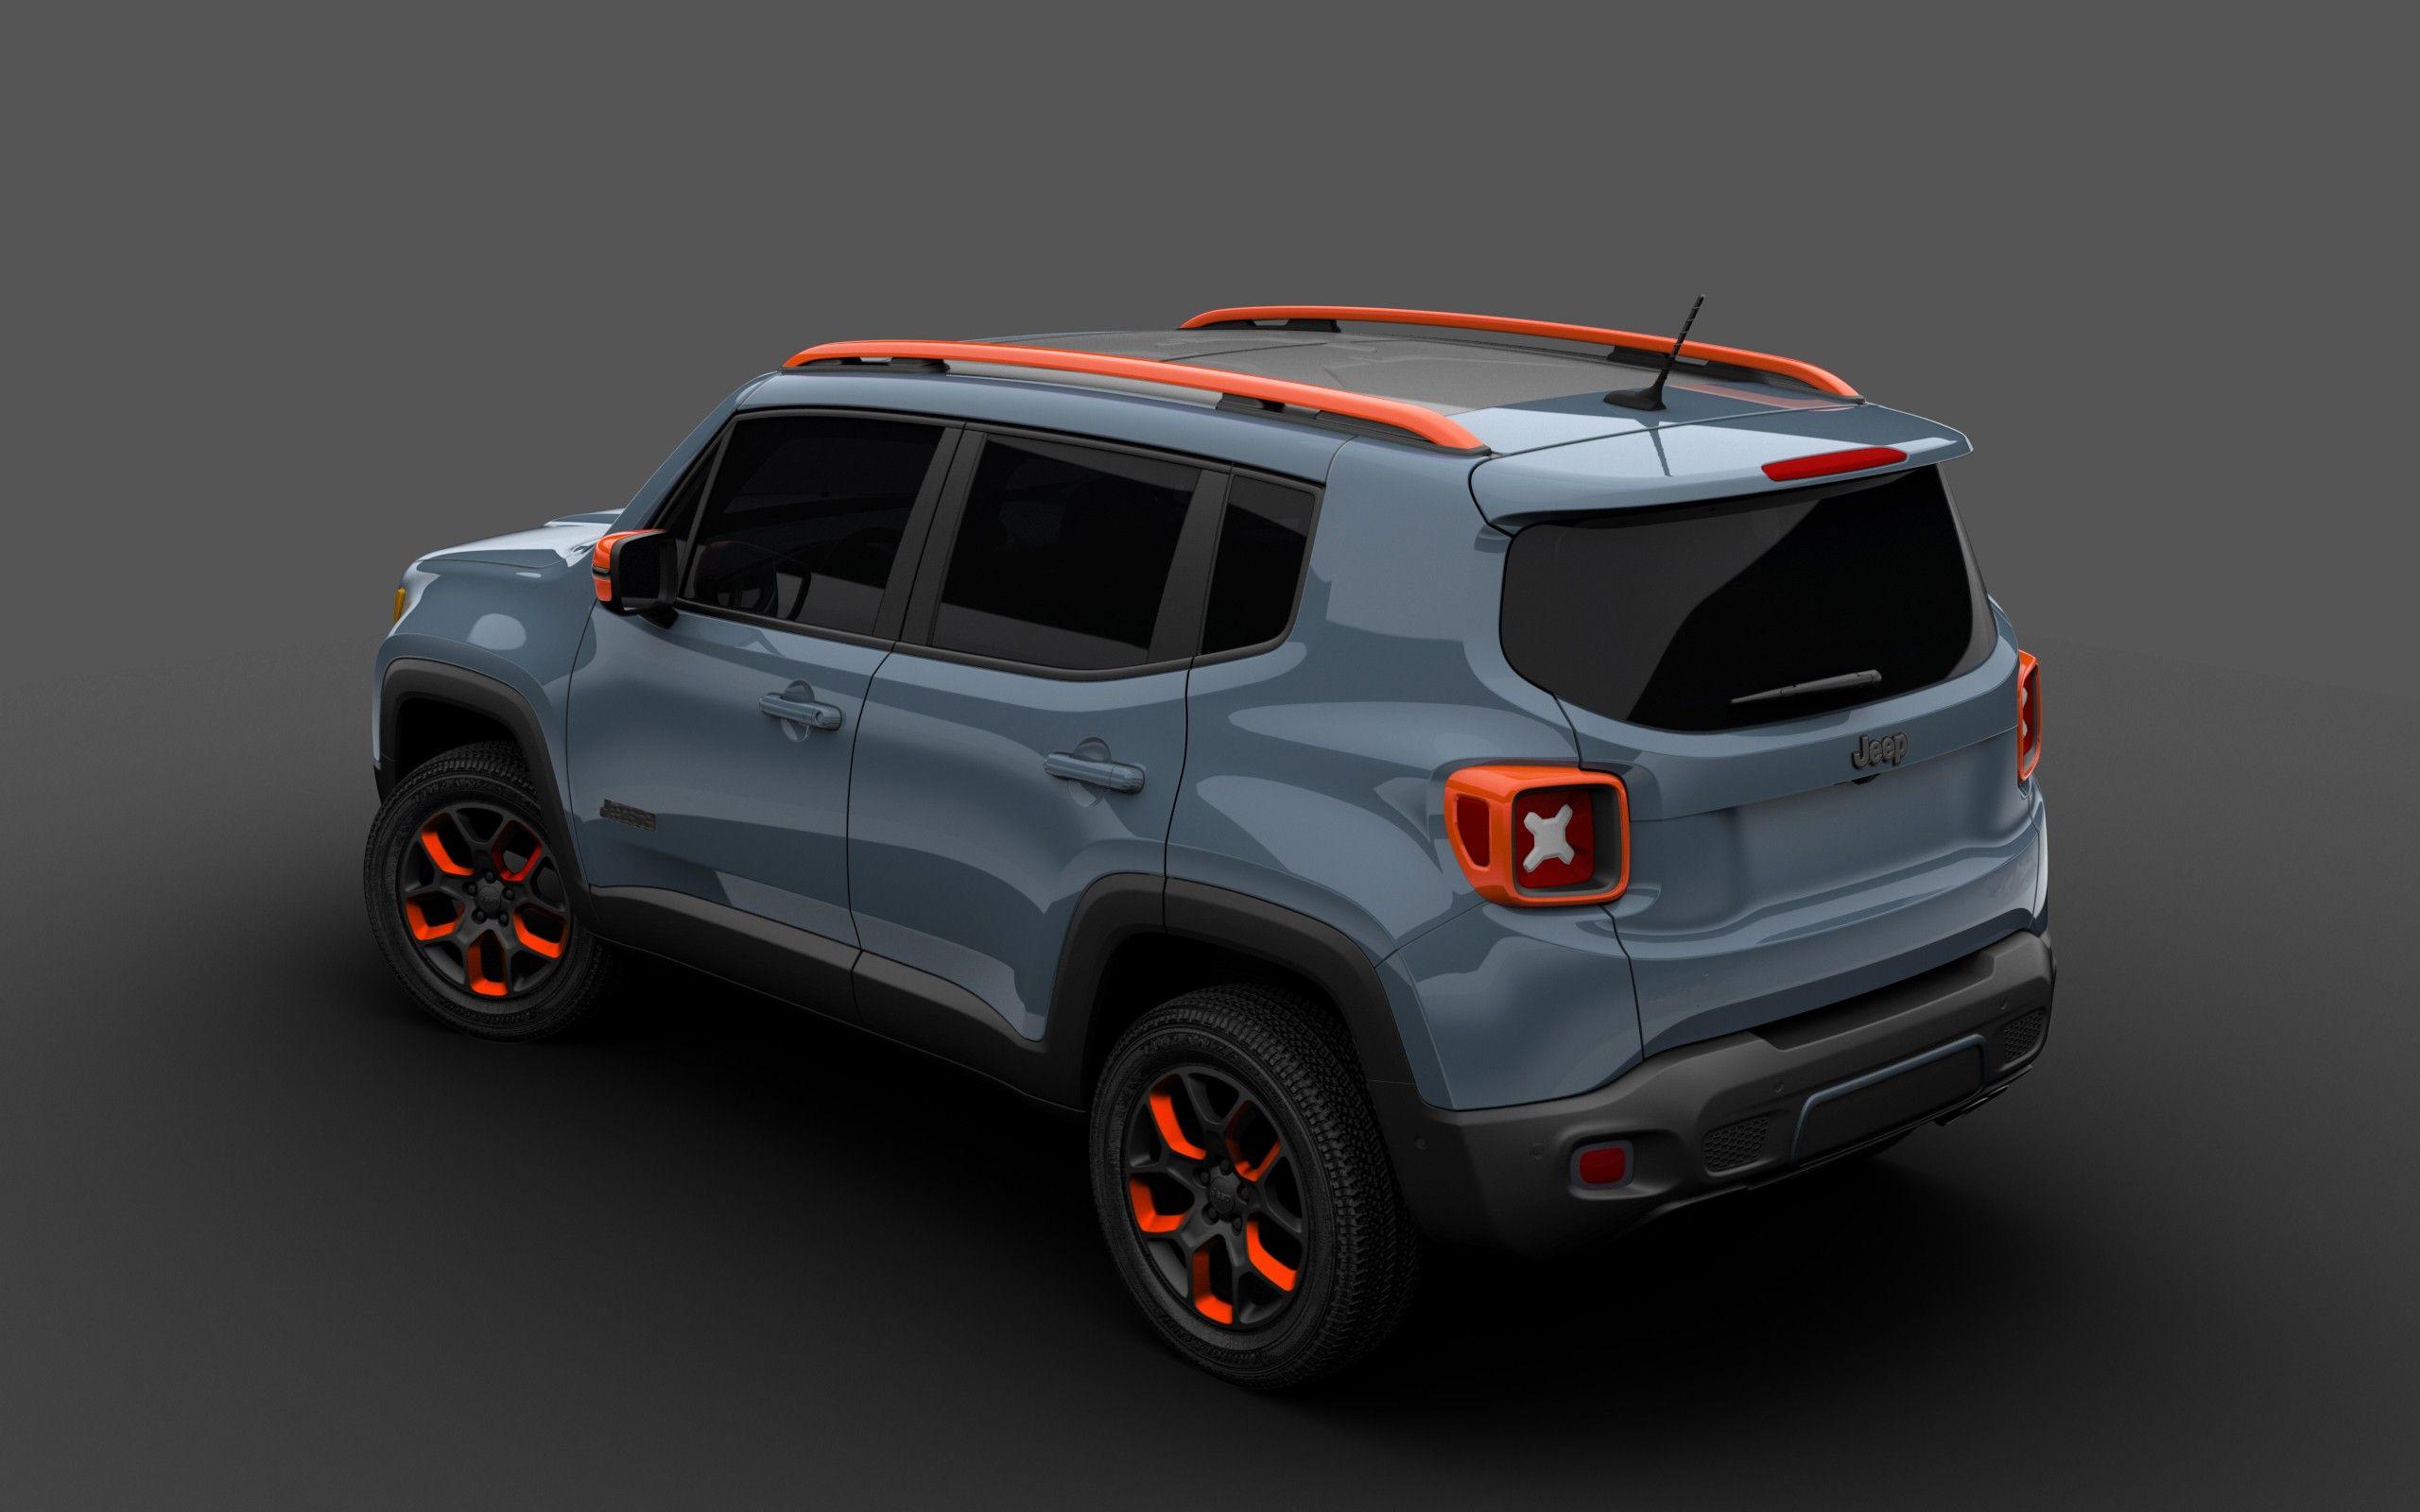 2015 Jeep Renegade Receives Mopar Goodies for 2015 Detroit Auto